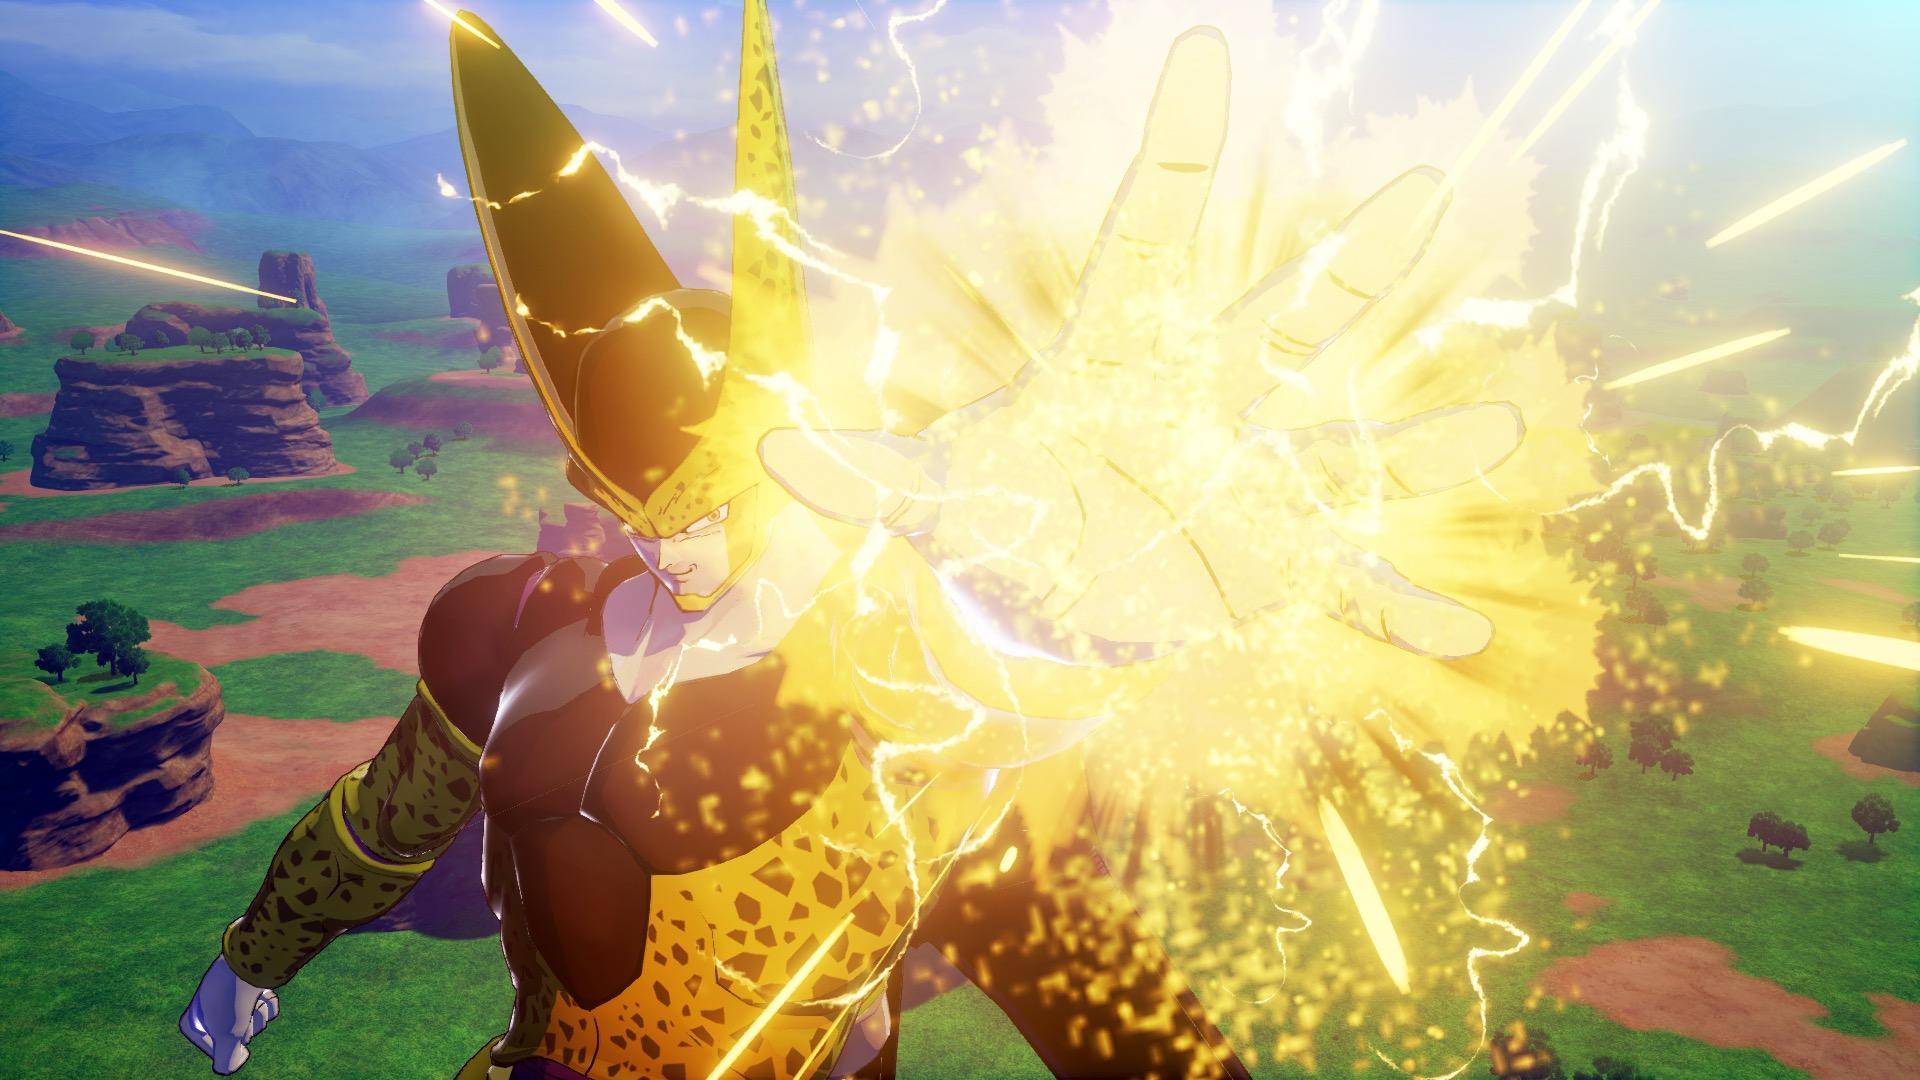 《龙珠Z:卡卡罗特》新截图和演示 孙悟饭激战沙鲁